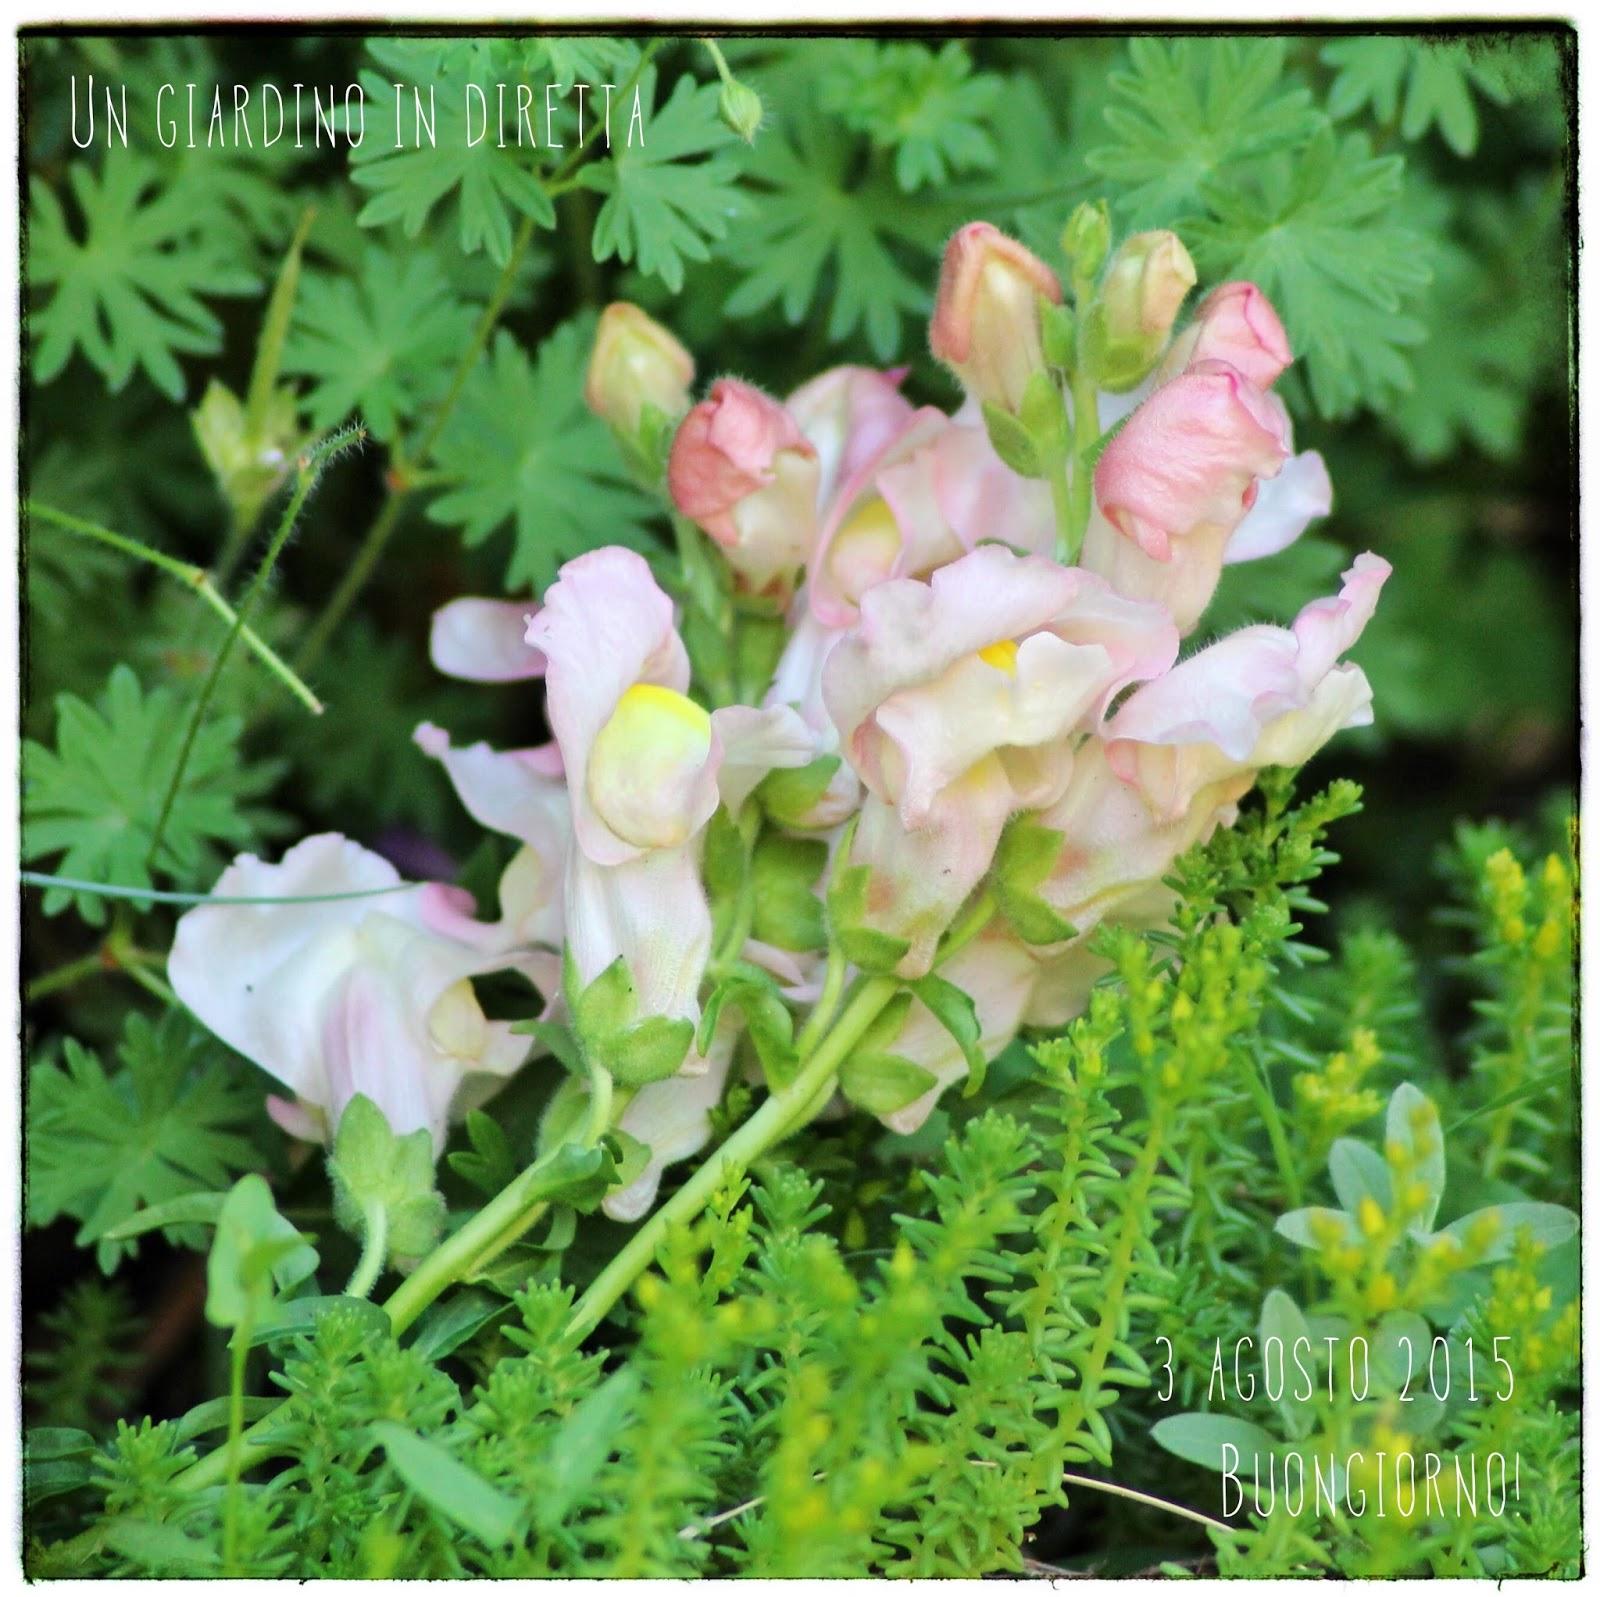 Fiori di agosto bocca di leone antirrhinum majus un for Bocca di leone in vaso